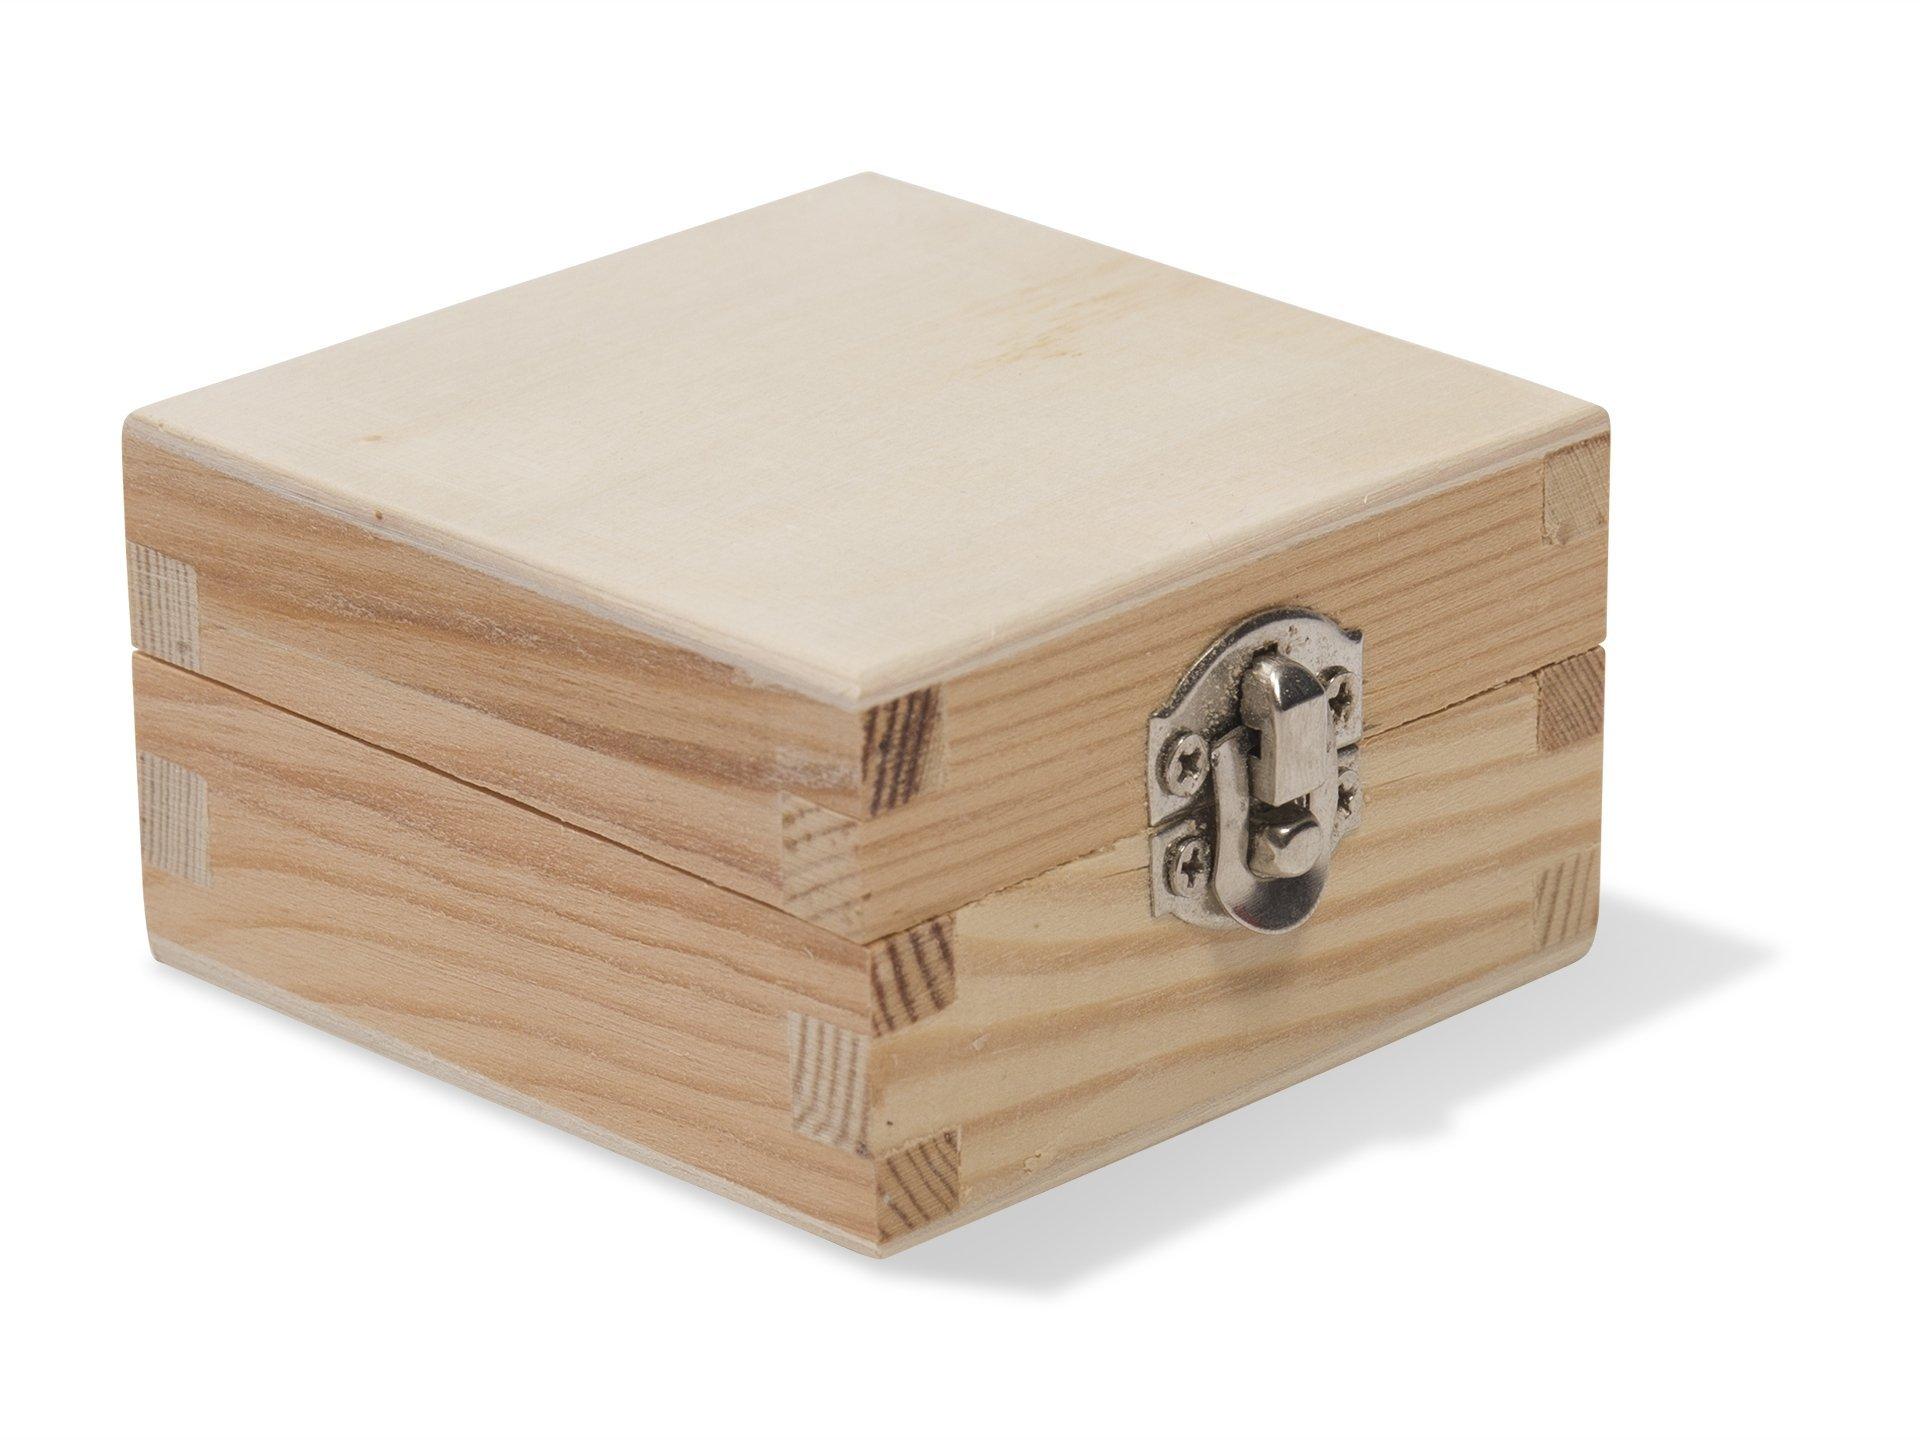 Holzbox quadratisch, Deckel mit Verschluss